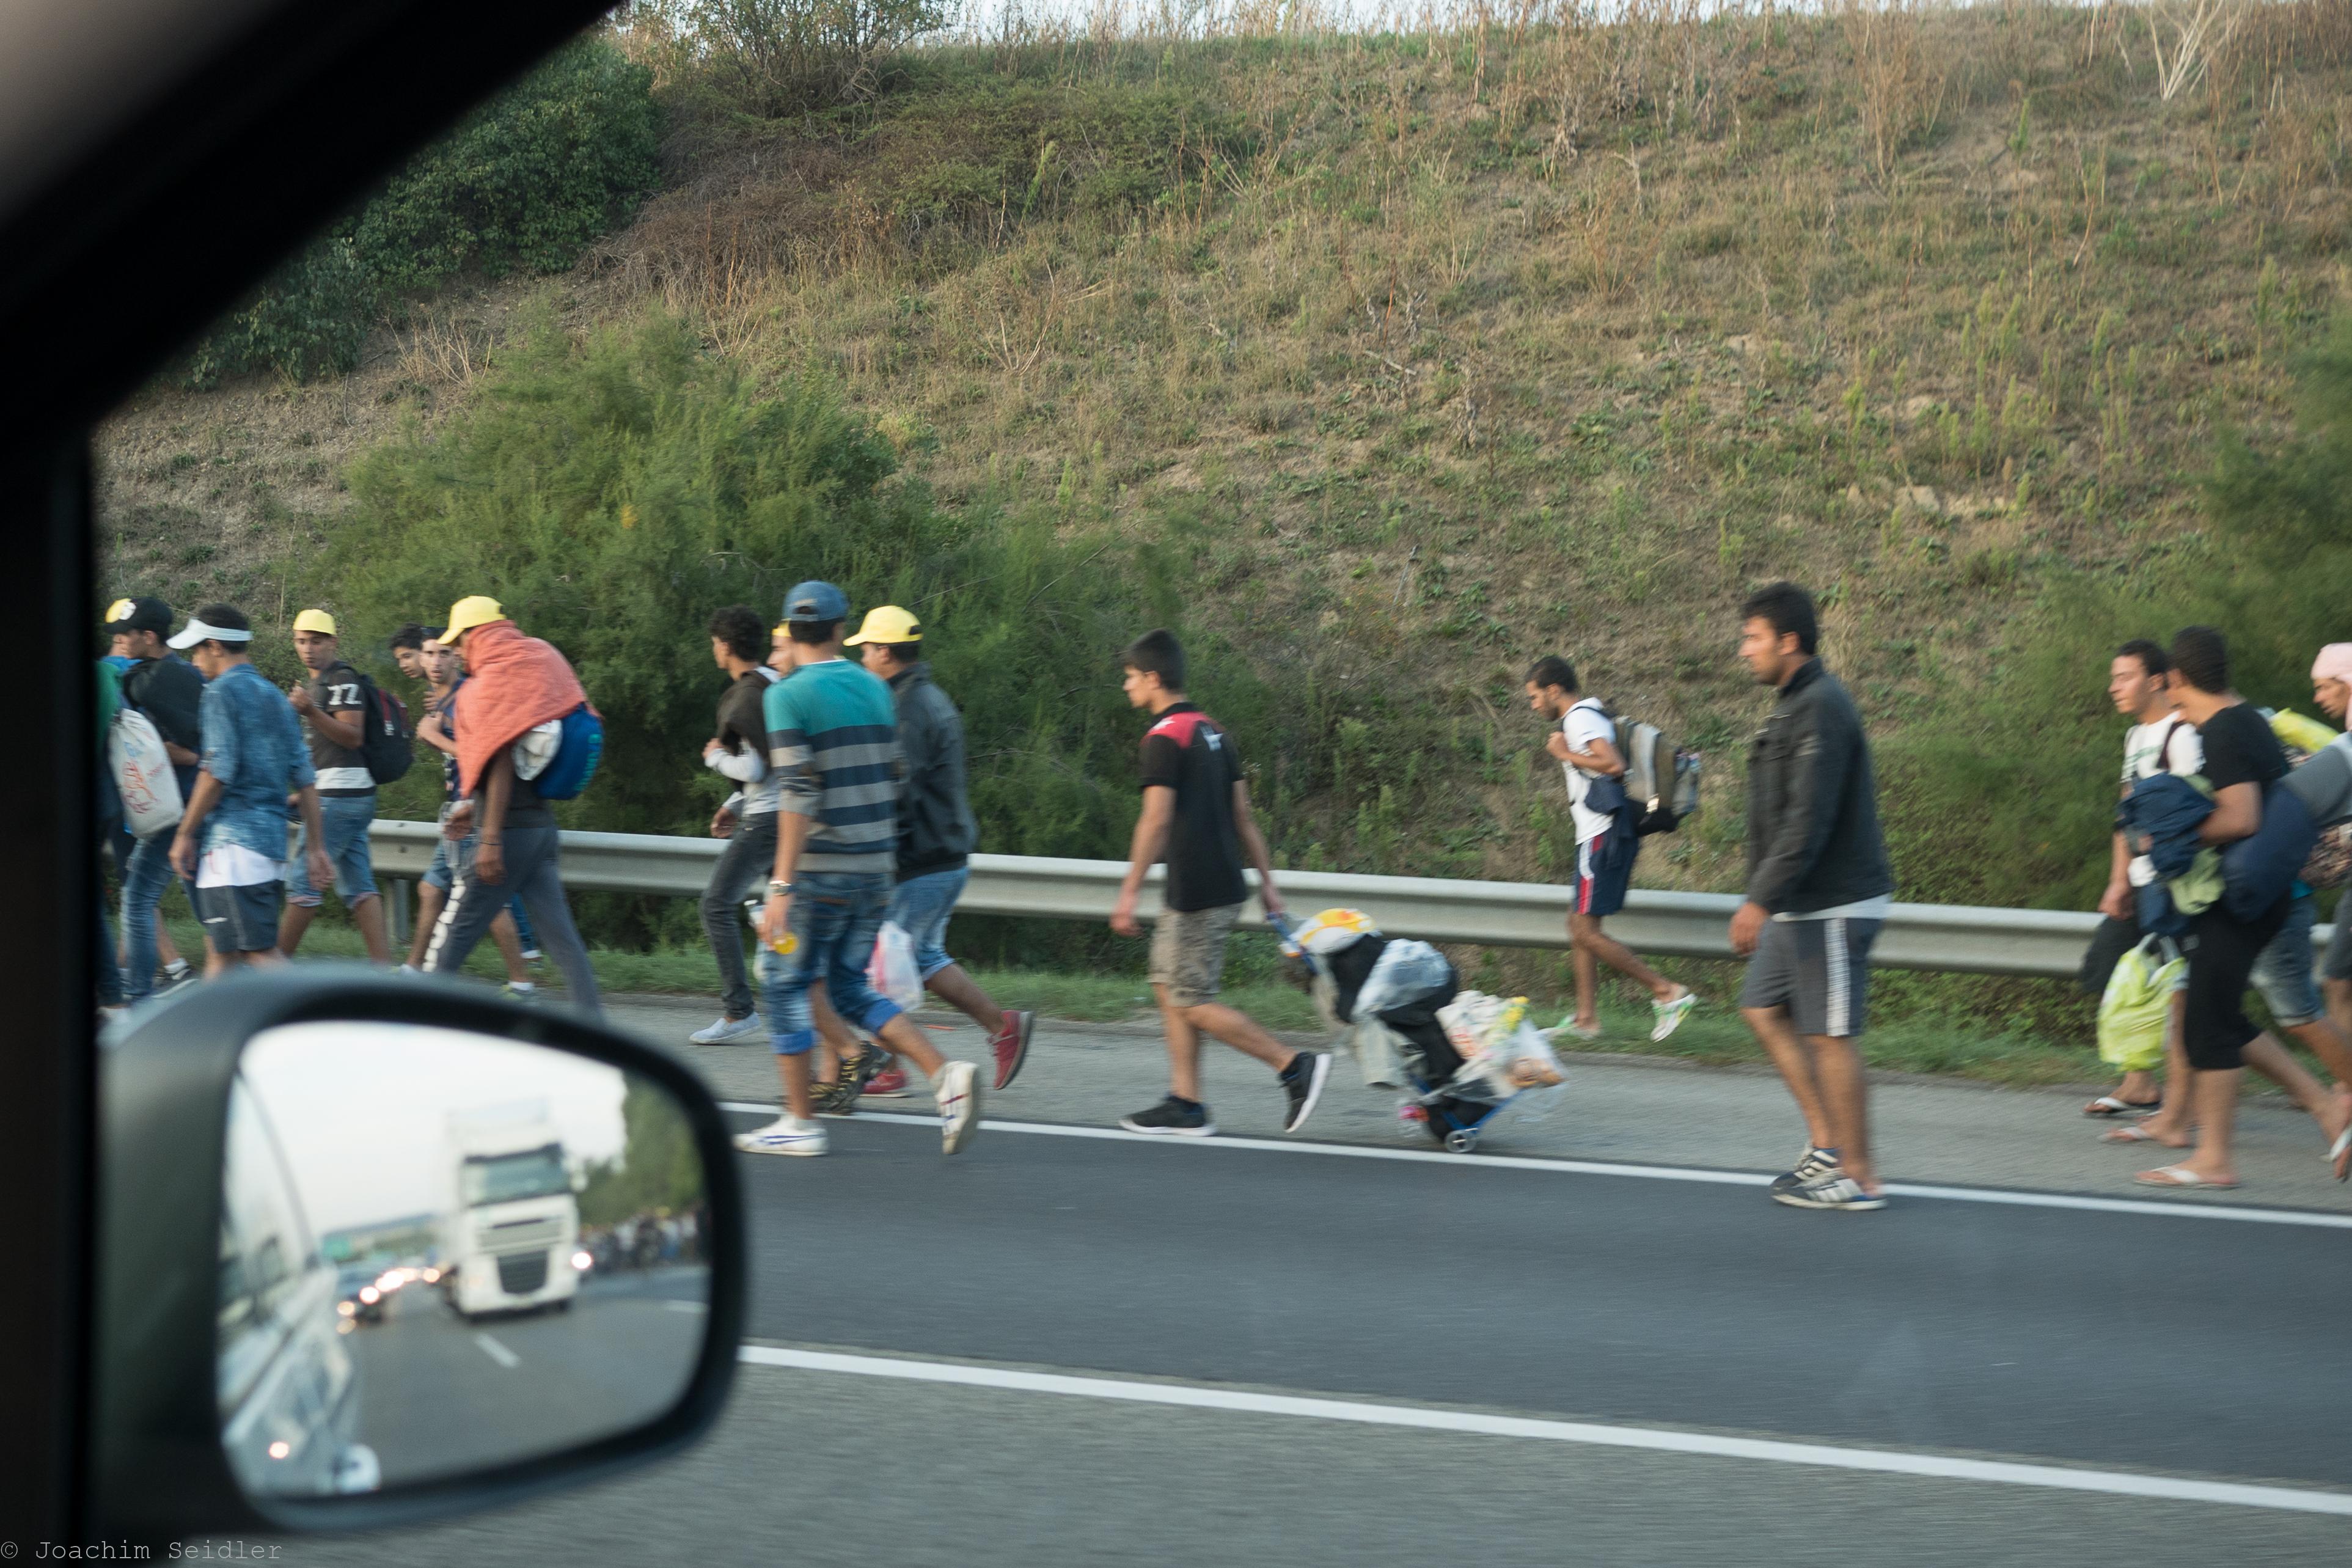 Österreich hat keine Einigung erzielt, wie es seine Grenze in der Flüchtlingskrise sichern will.